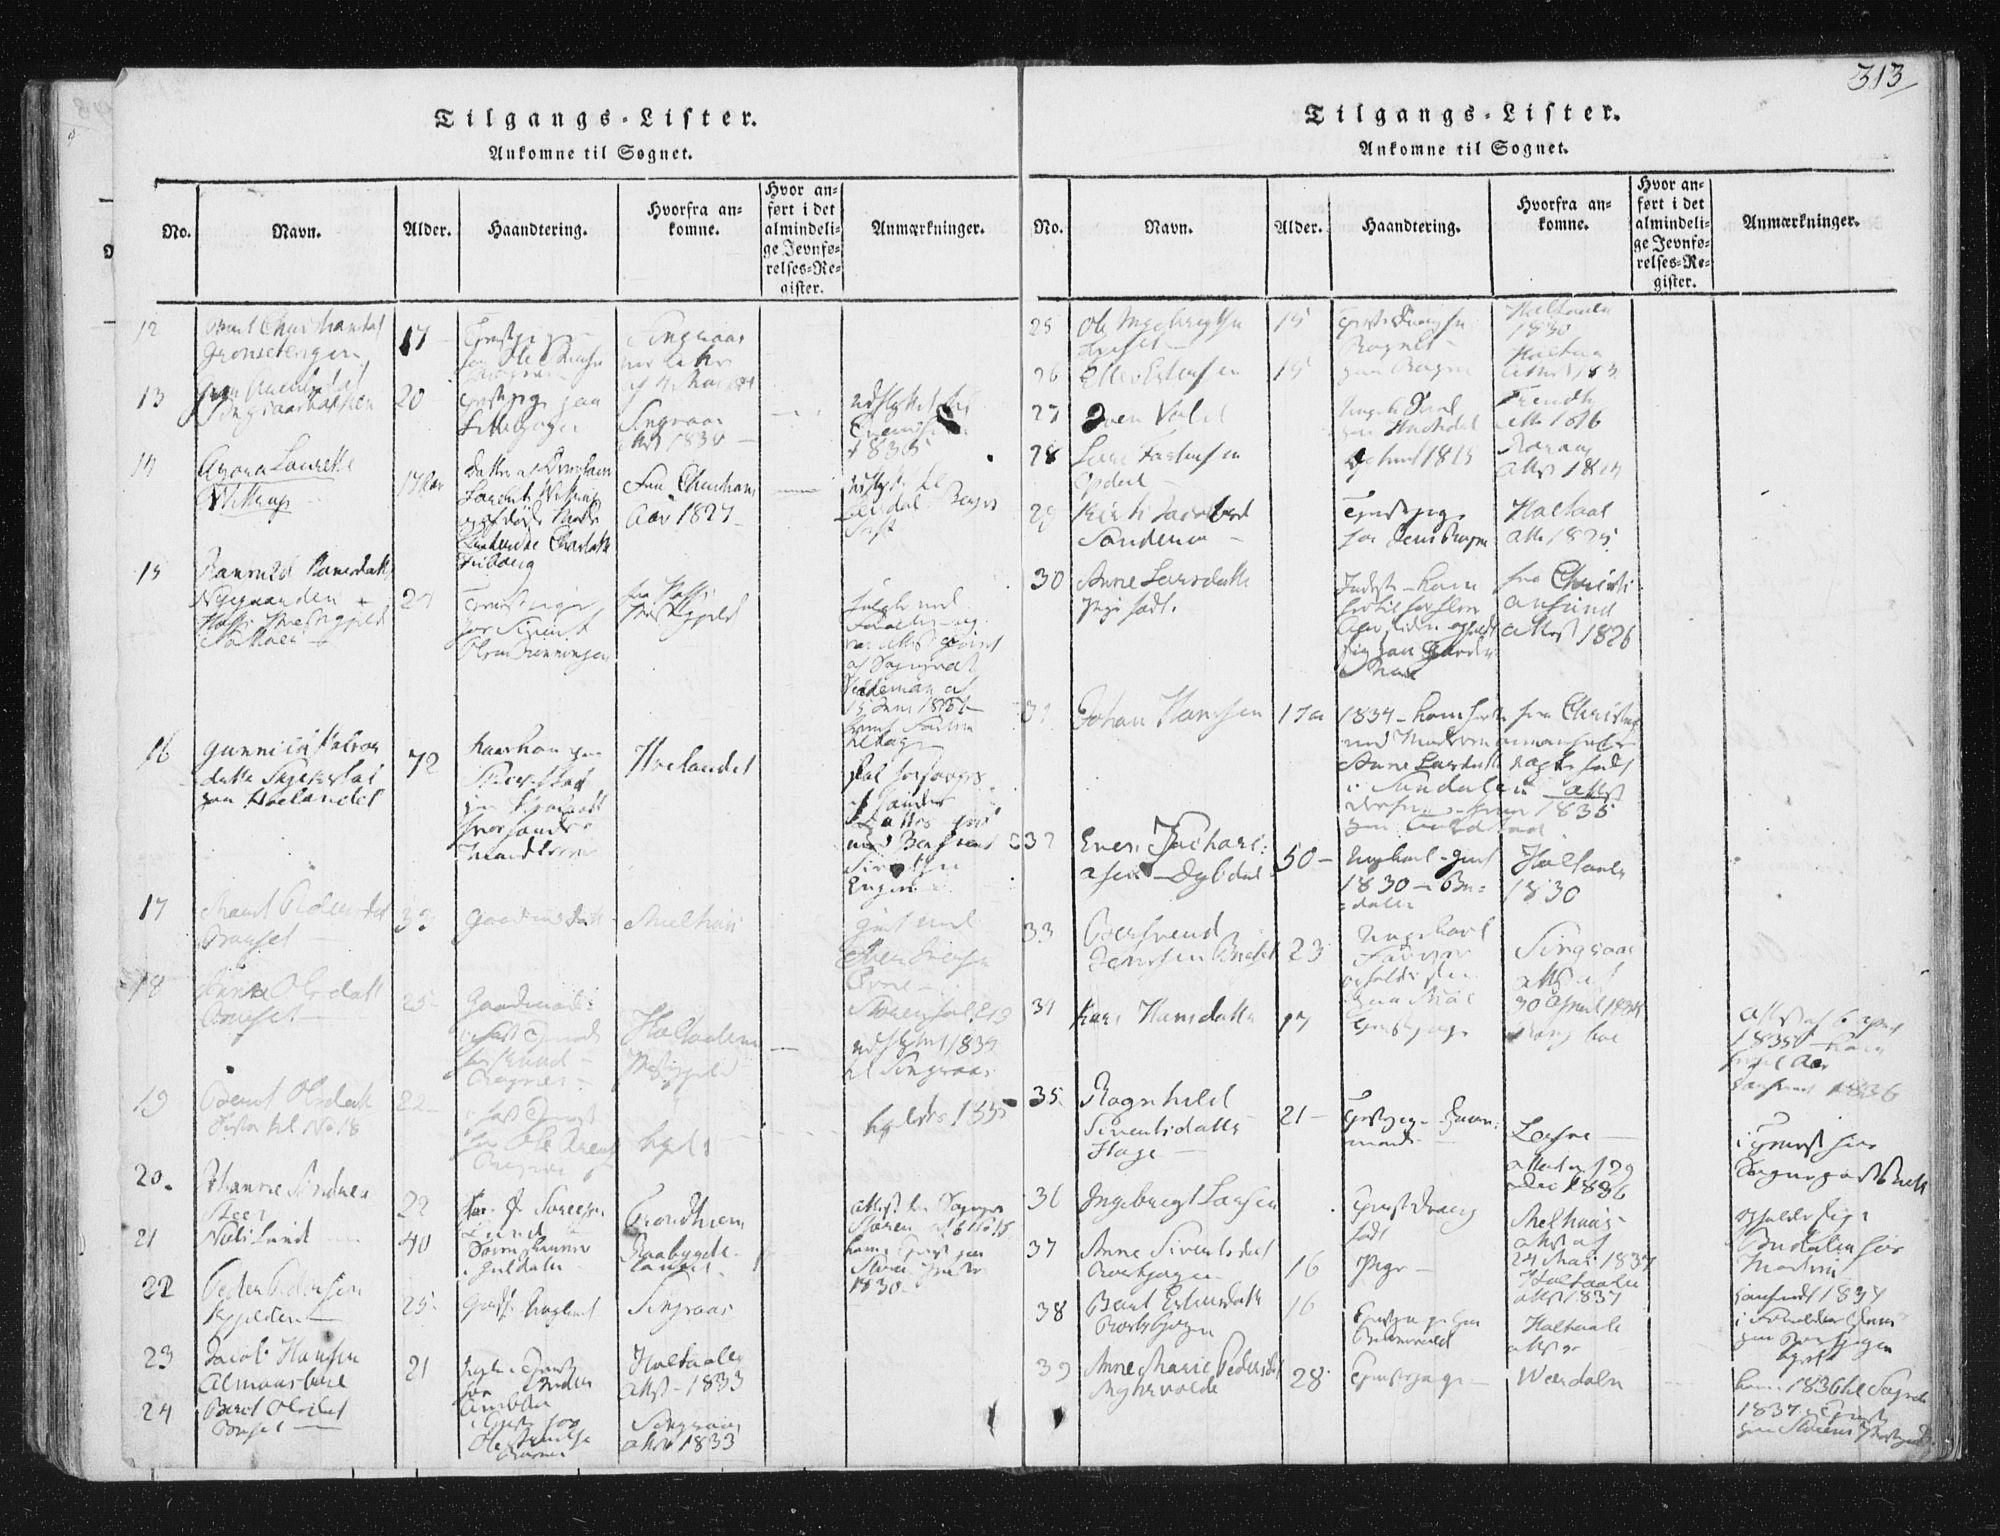 SAT, Ministerialprotokoller, klokkerbøker og fødselsregistre - Sør-Trøndelag, 687/L0996: Ministerialbok nr. 687A04, 1816-1842, s. 313